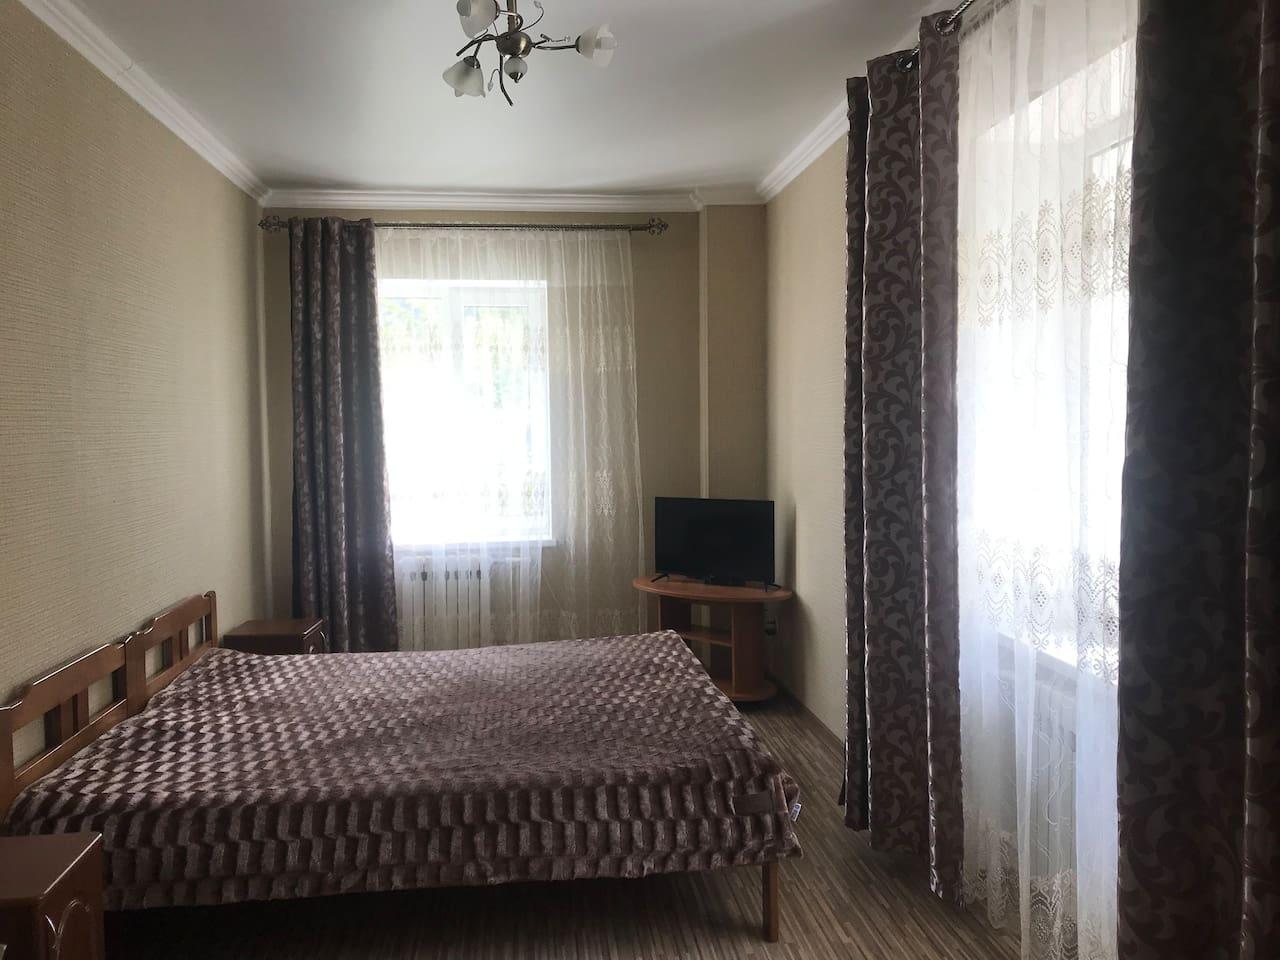 Фото спальни с новым TV